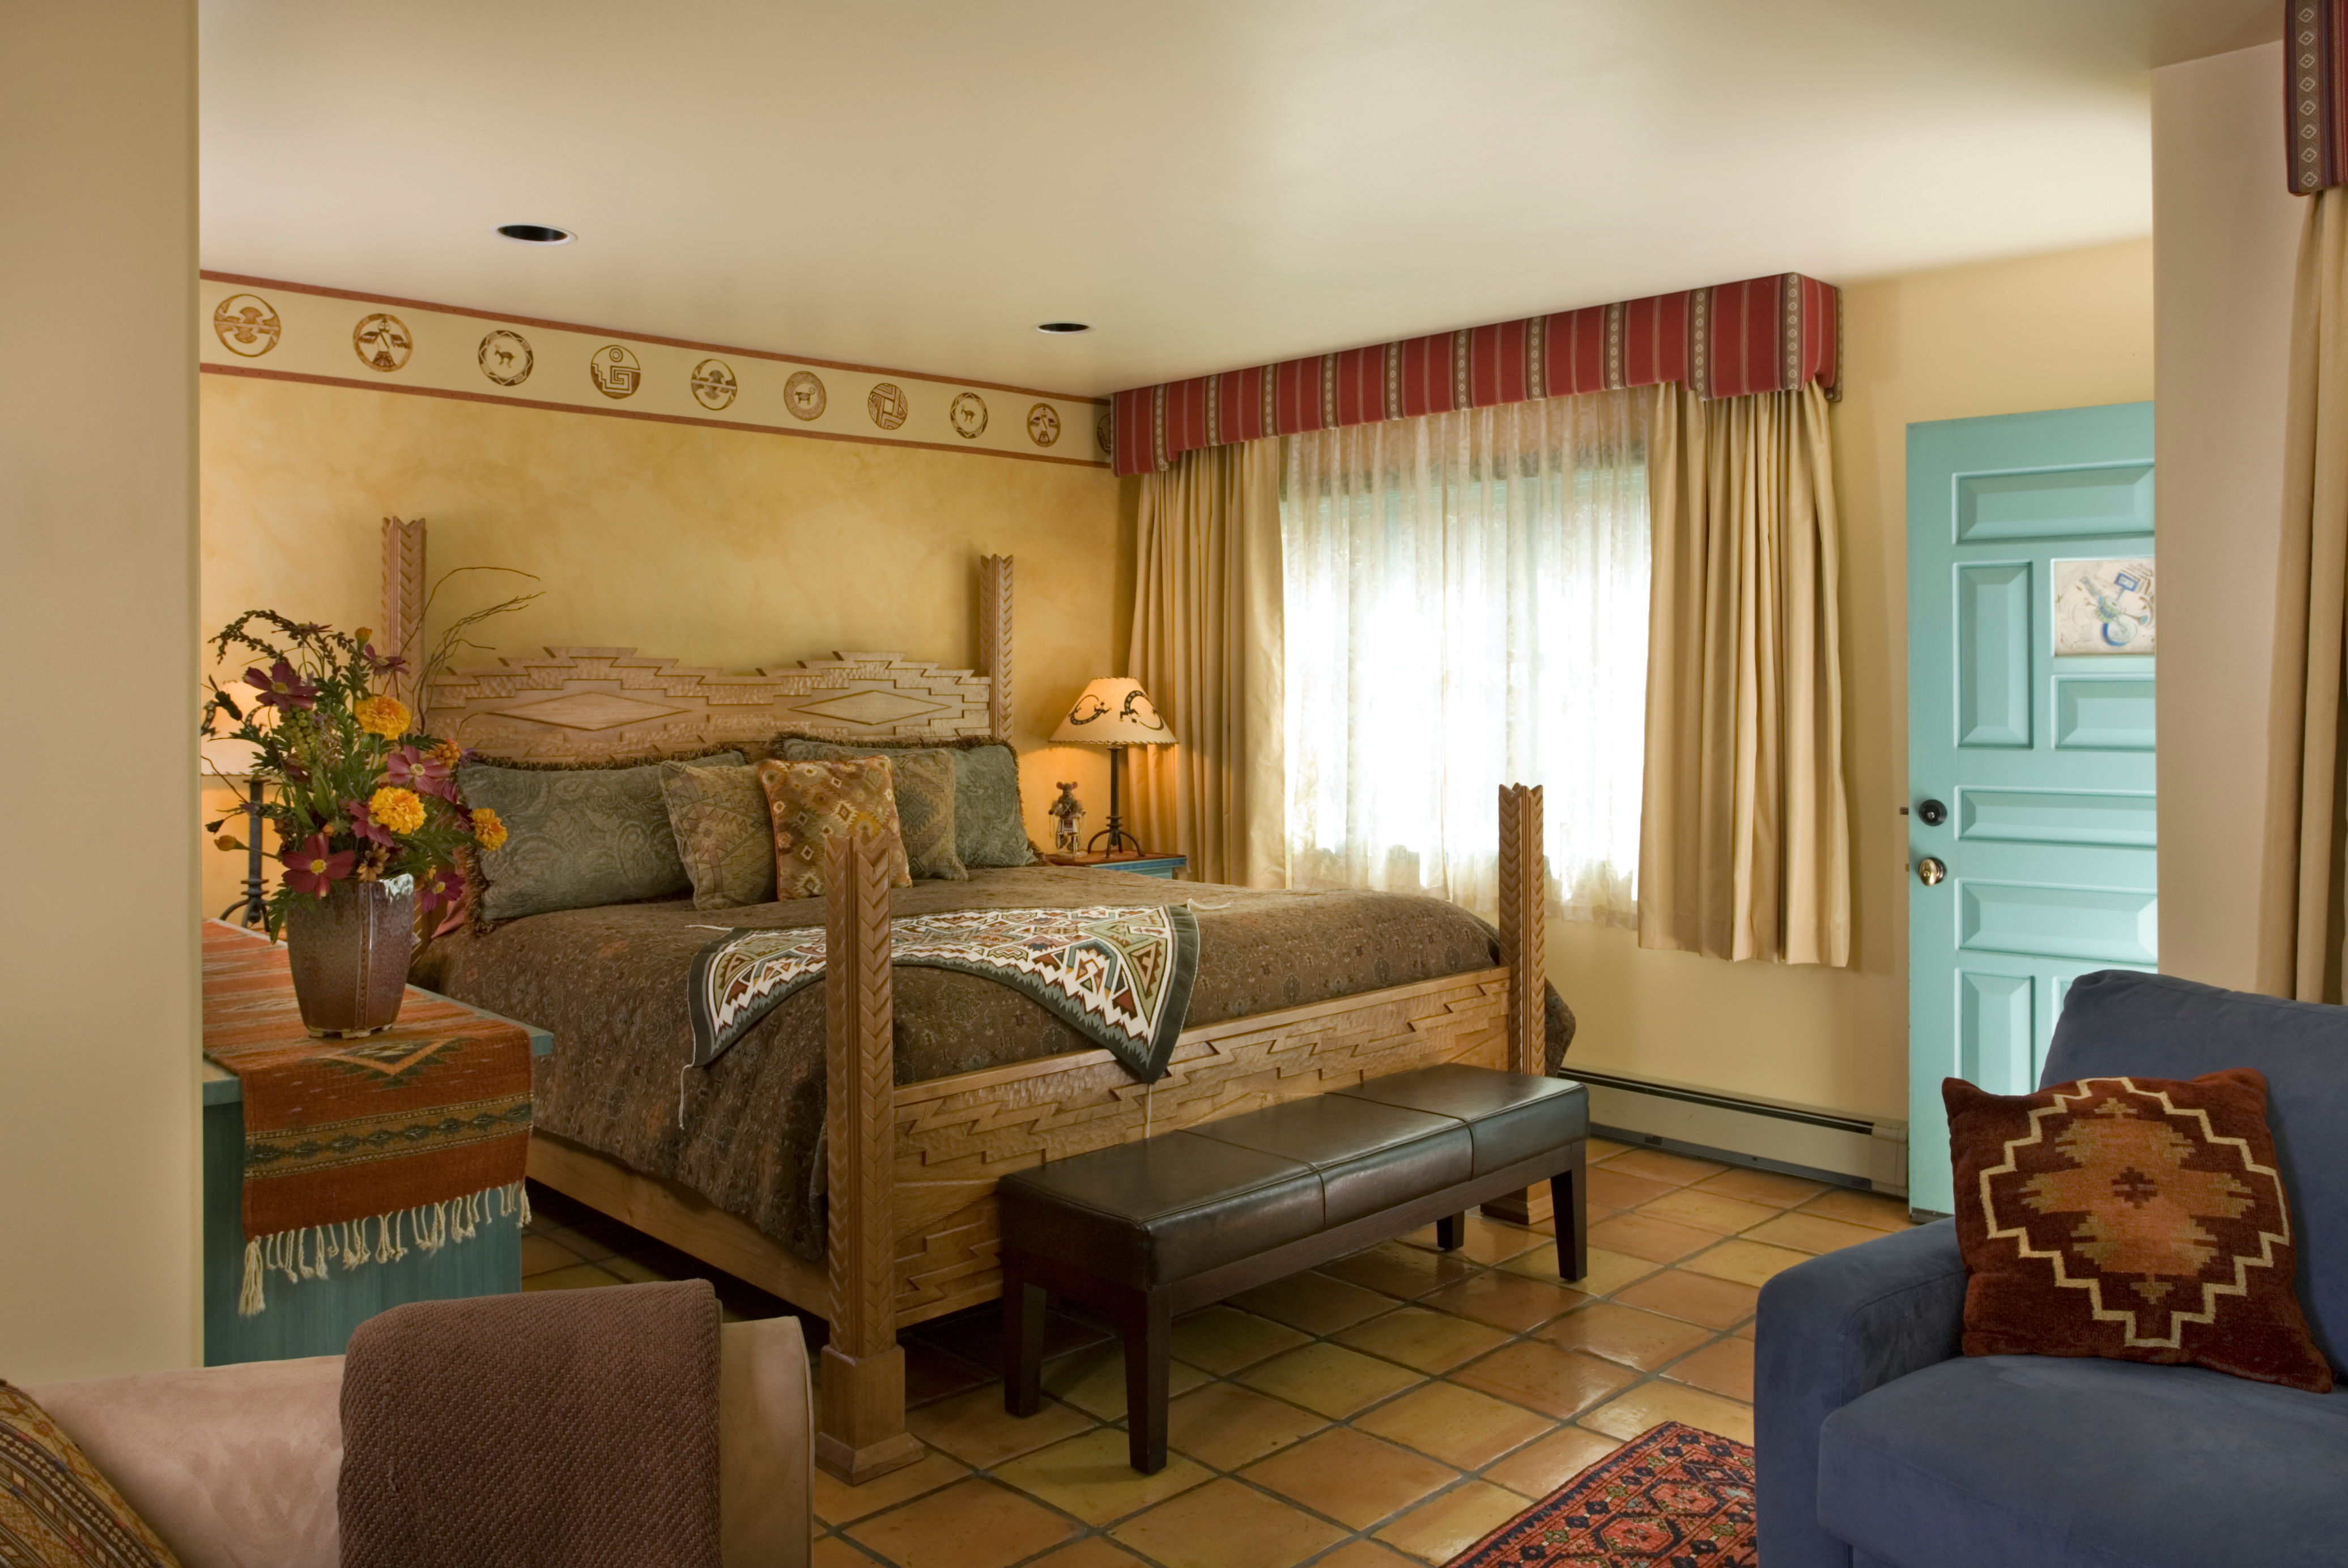 Galisteo Room (#1) at El Farolito